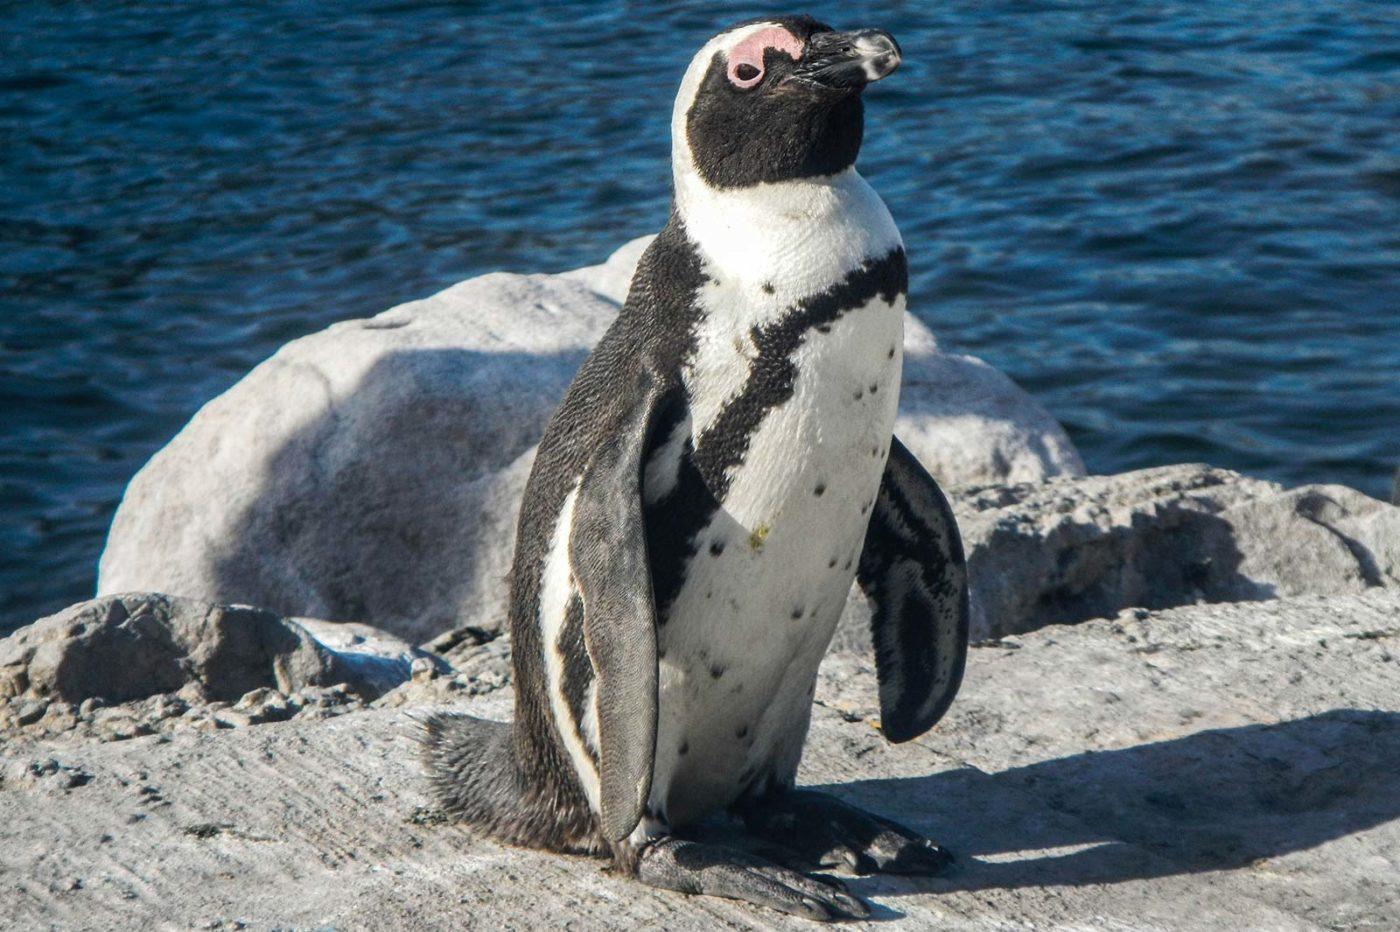 מושבת פינגווינים בדרום אפריקה. מתוך טיול פרטי ל4 מדינות אפריקני אפריקה למתפנקים